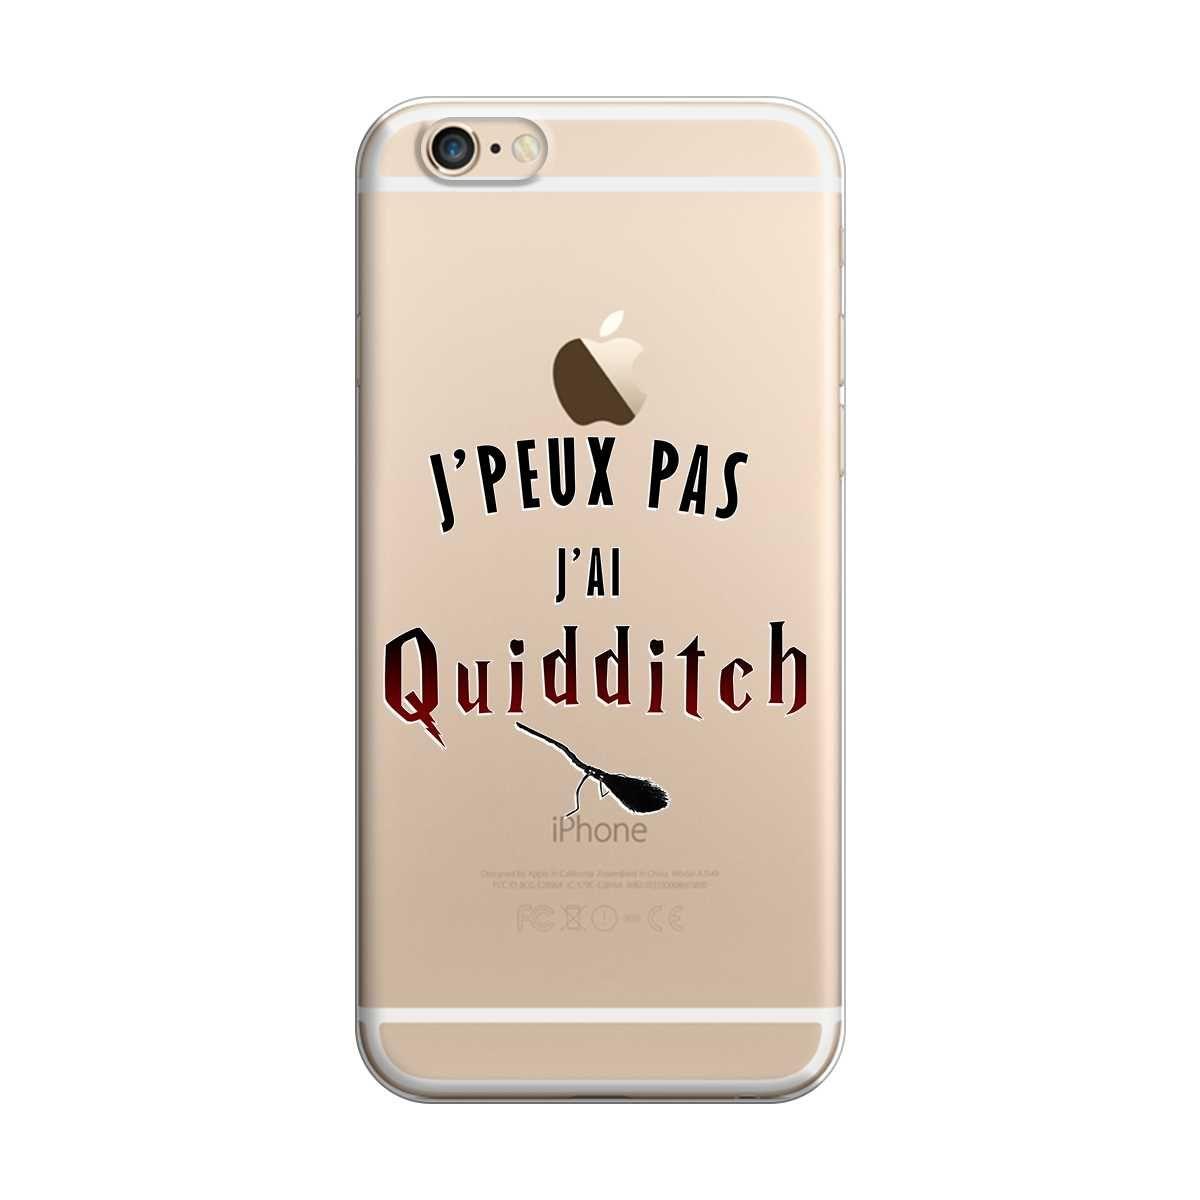 Coque harry potter pour iPhone 6 et 6s : Je peux pas j ai Quidditch. Coque avec bords souple anti-choc et arrière rigide pour une protection optimal !